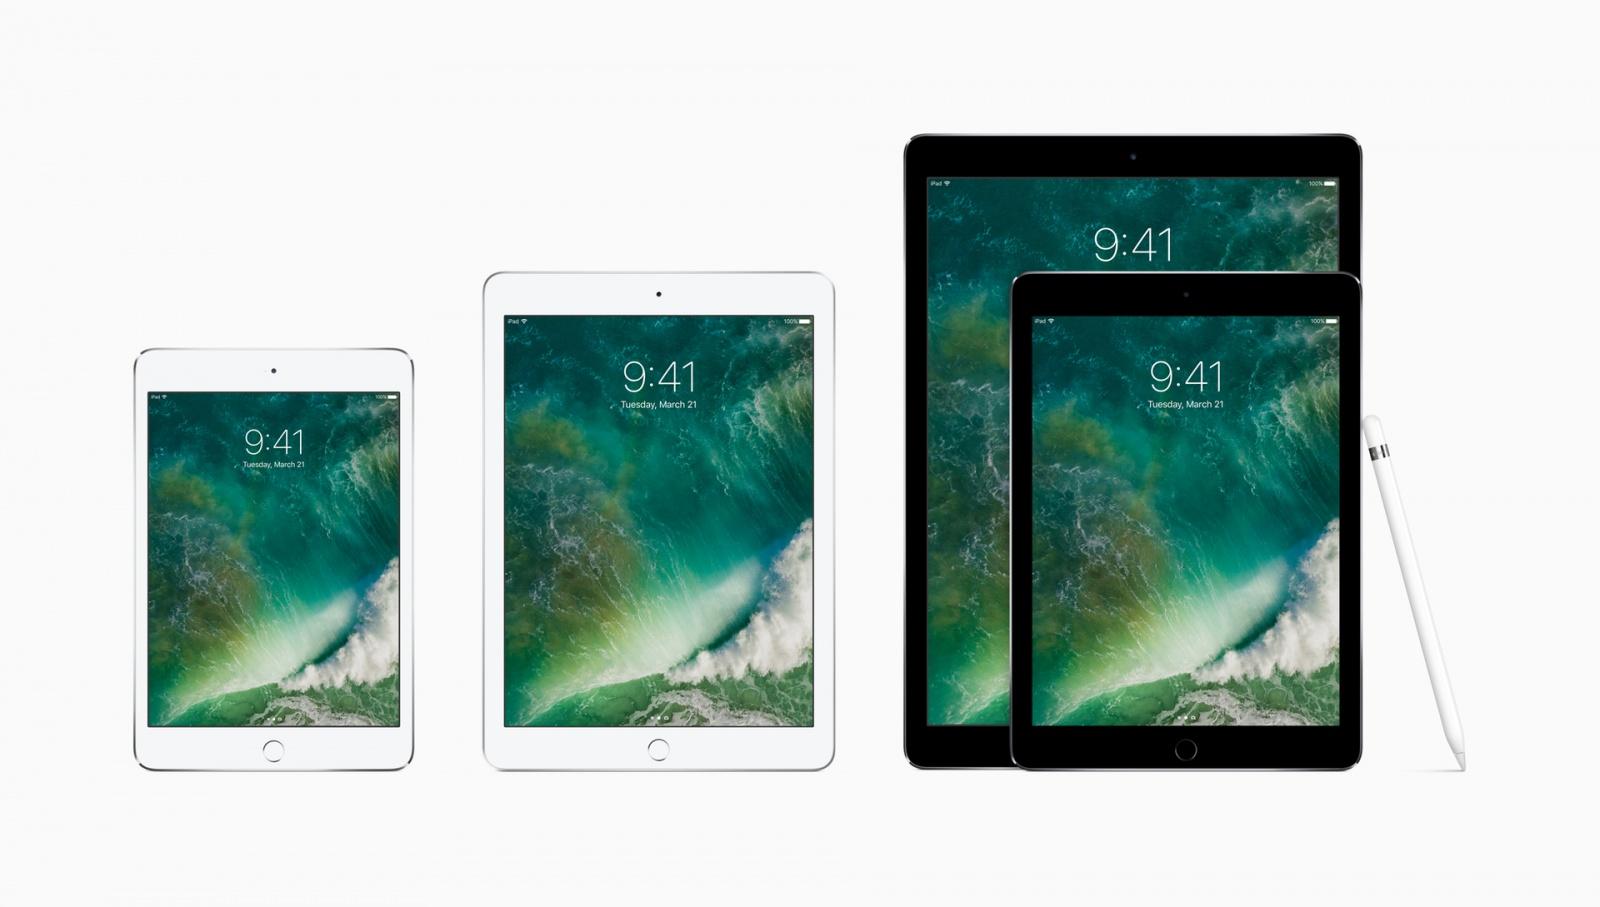 Новый iPad, красный iPhone. Пора обновляться? - 2